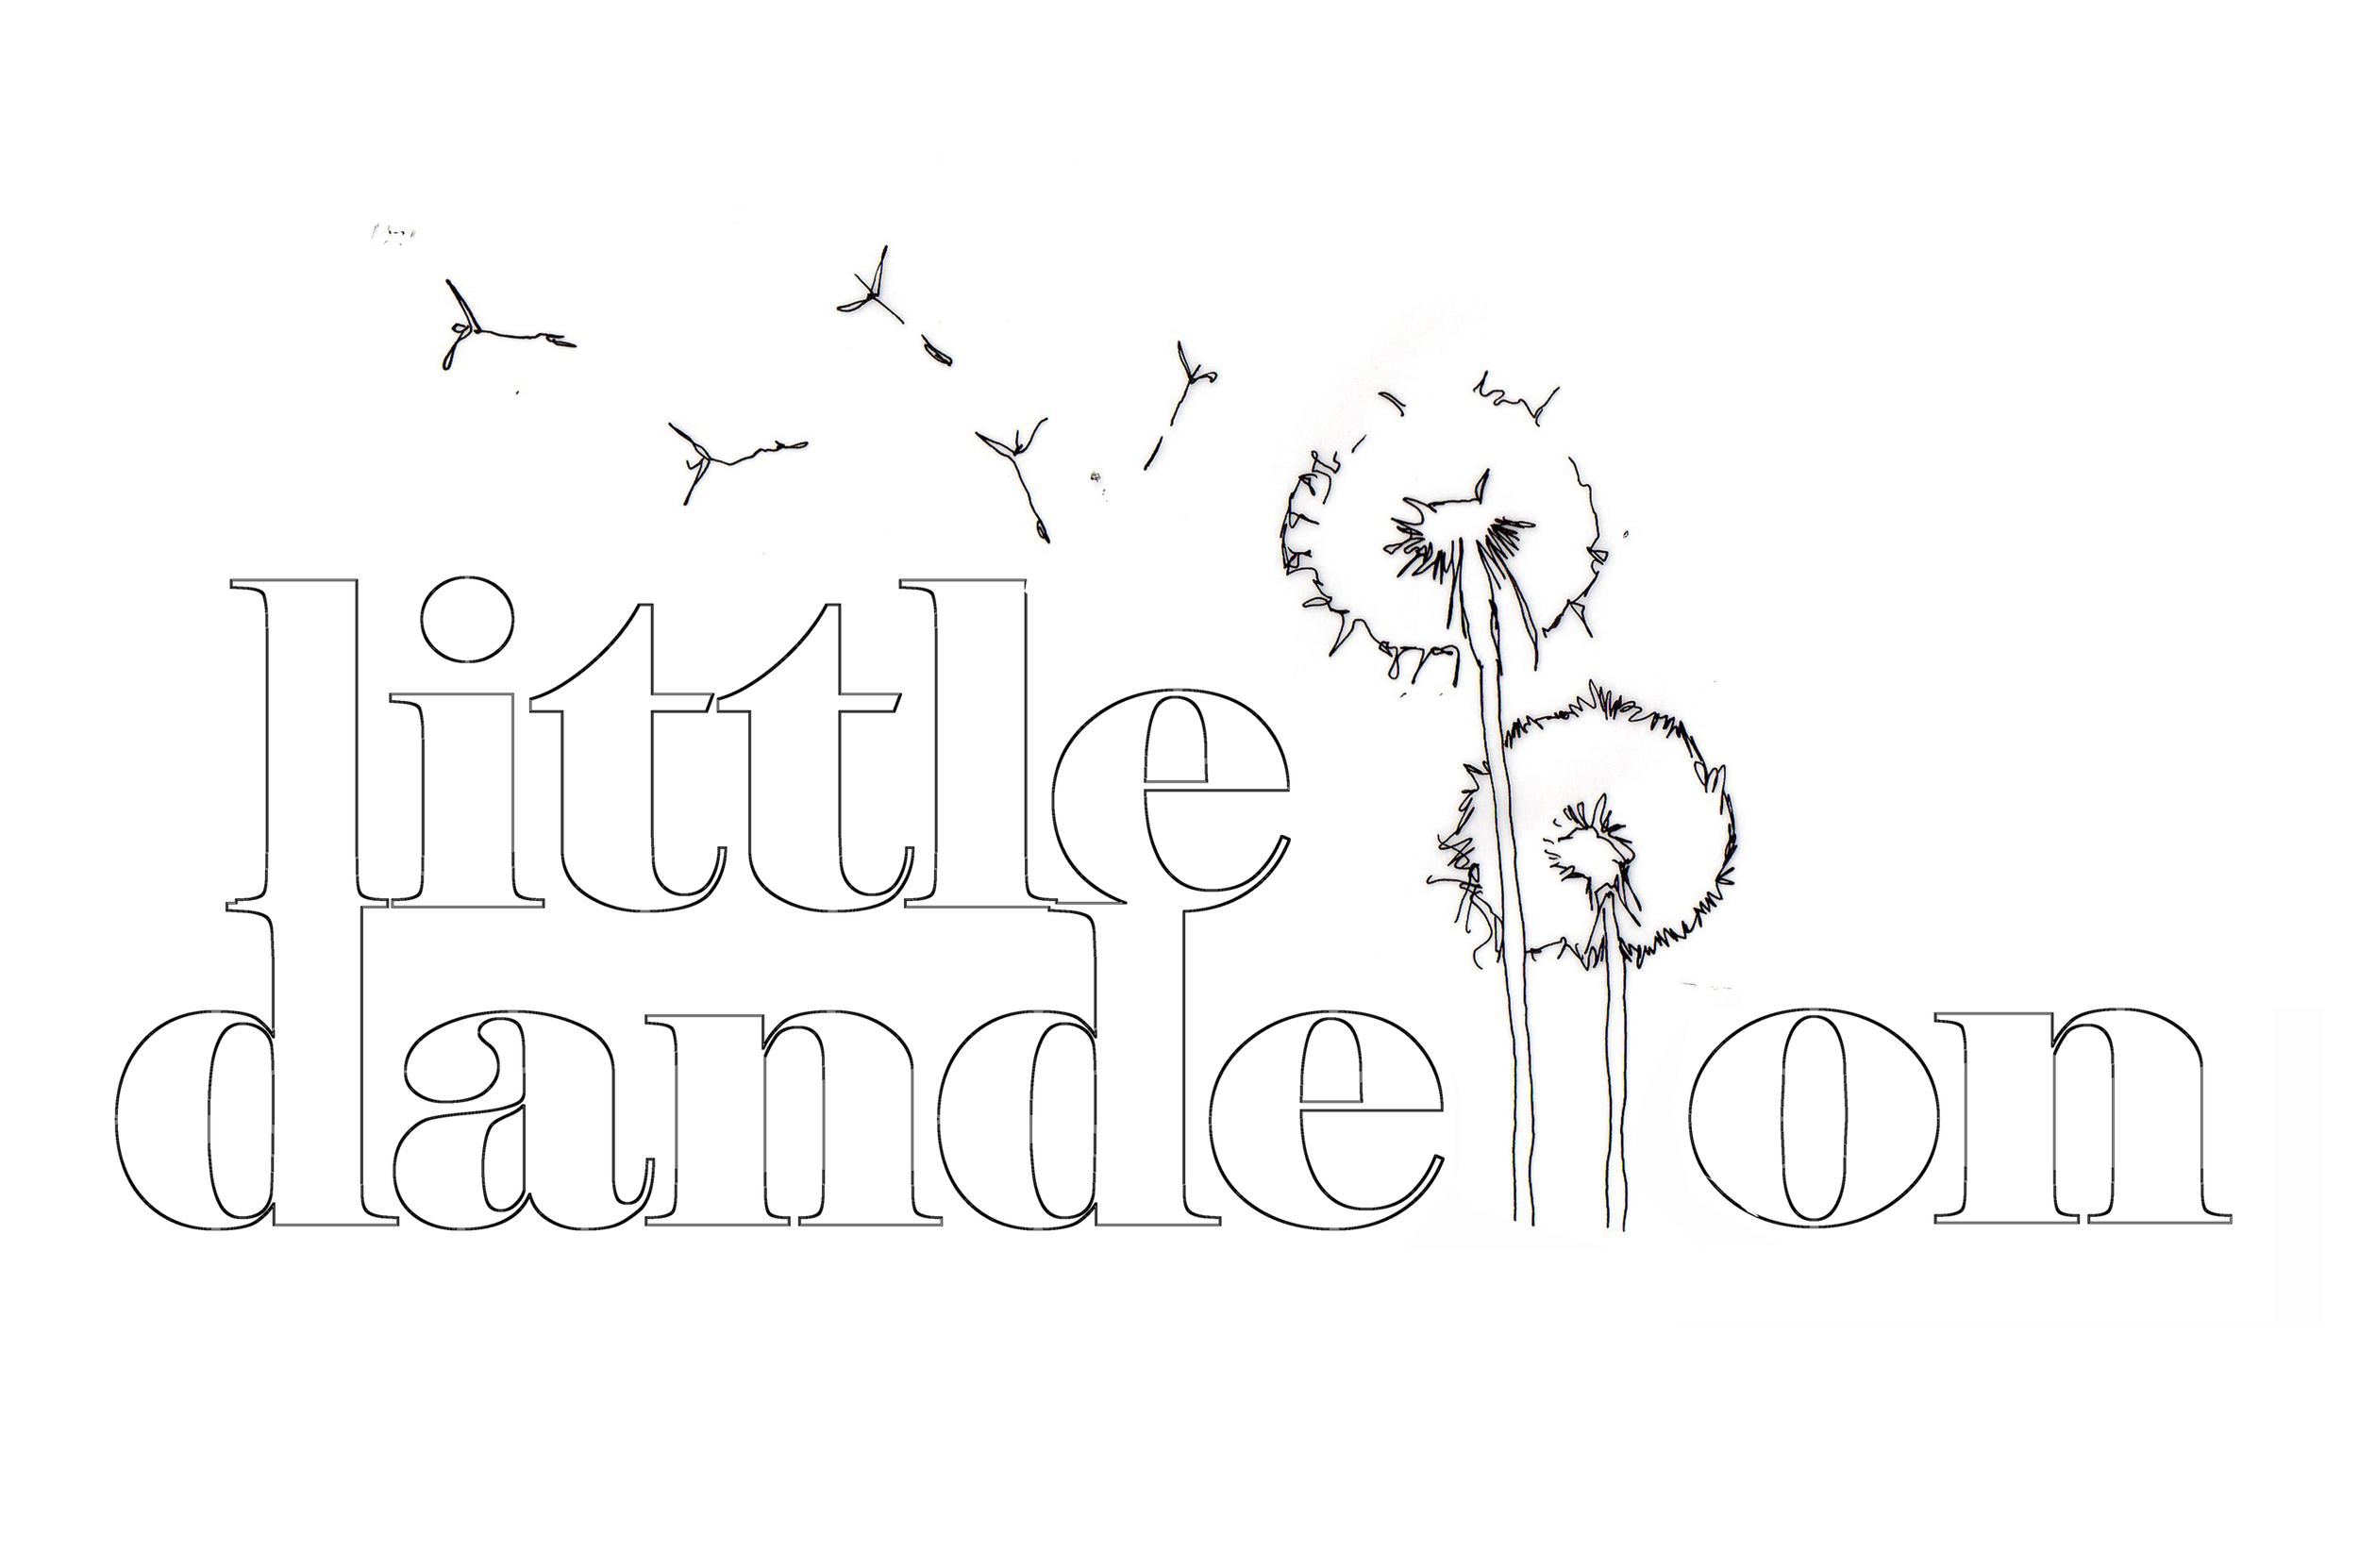 Little dandelion sketch - Photo by Zac Mead